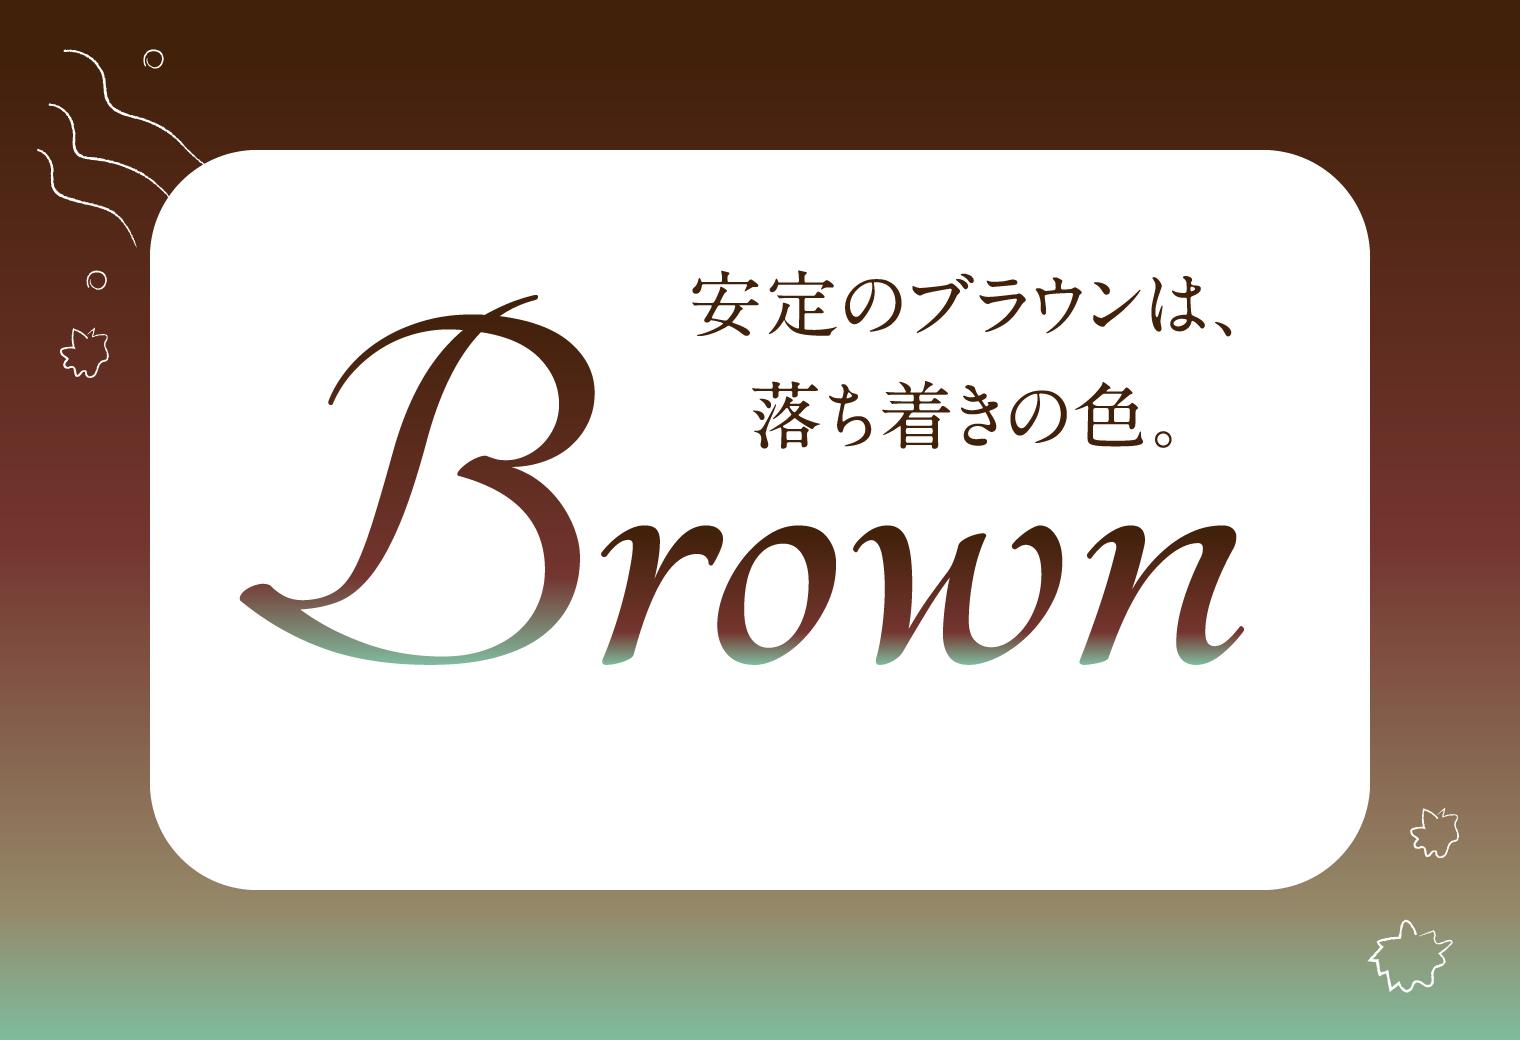 kokoだけcolor:安定のブラウンは、落ち着きの色。